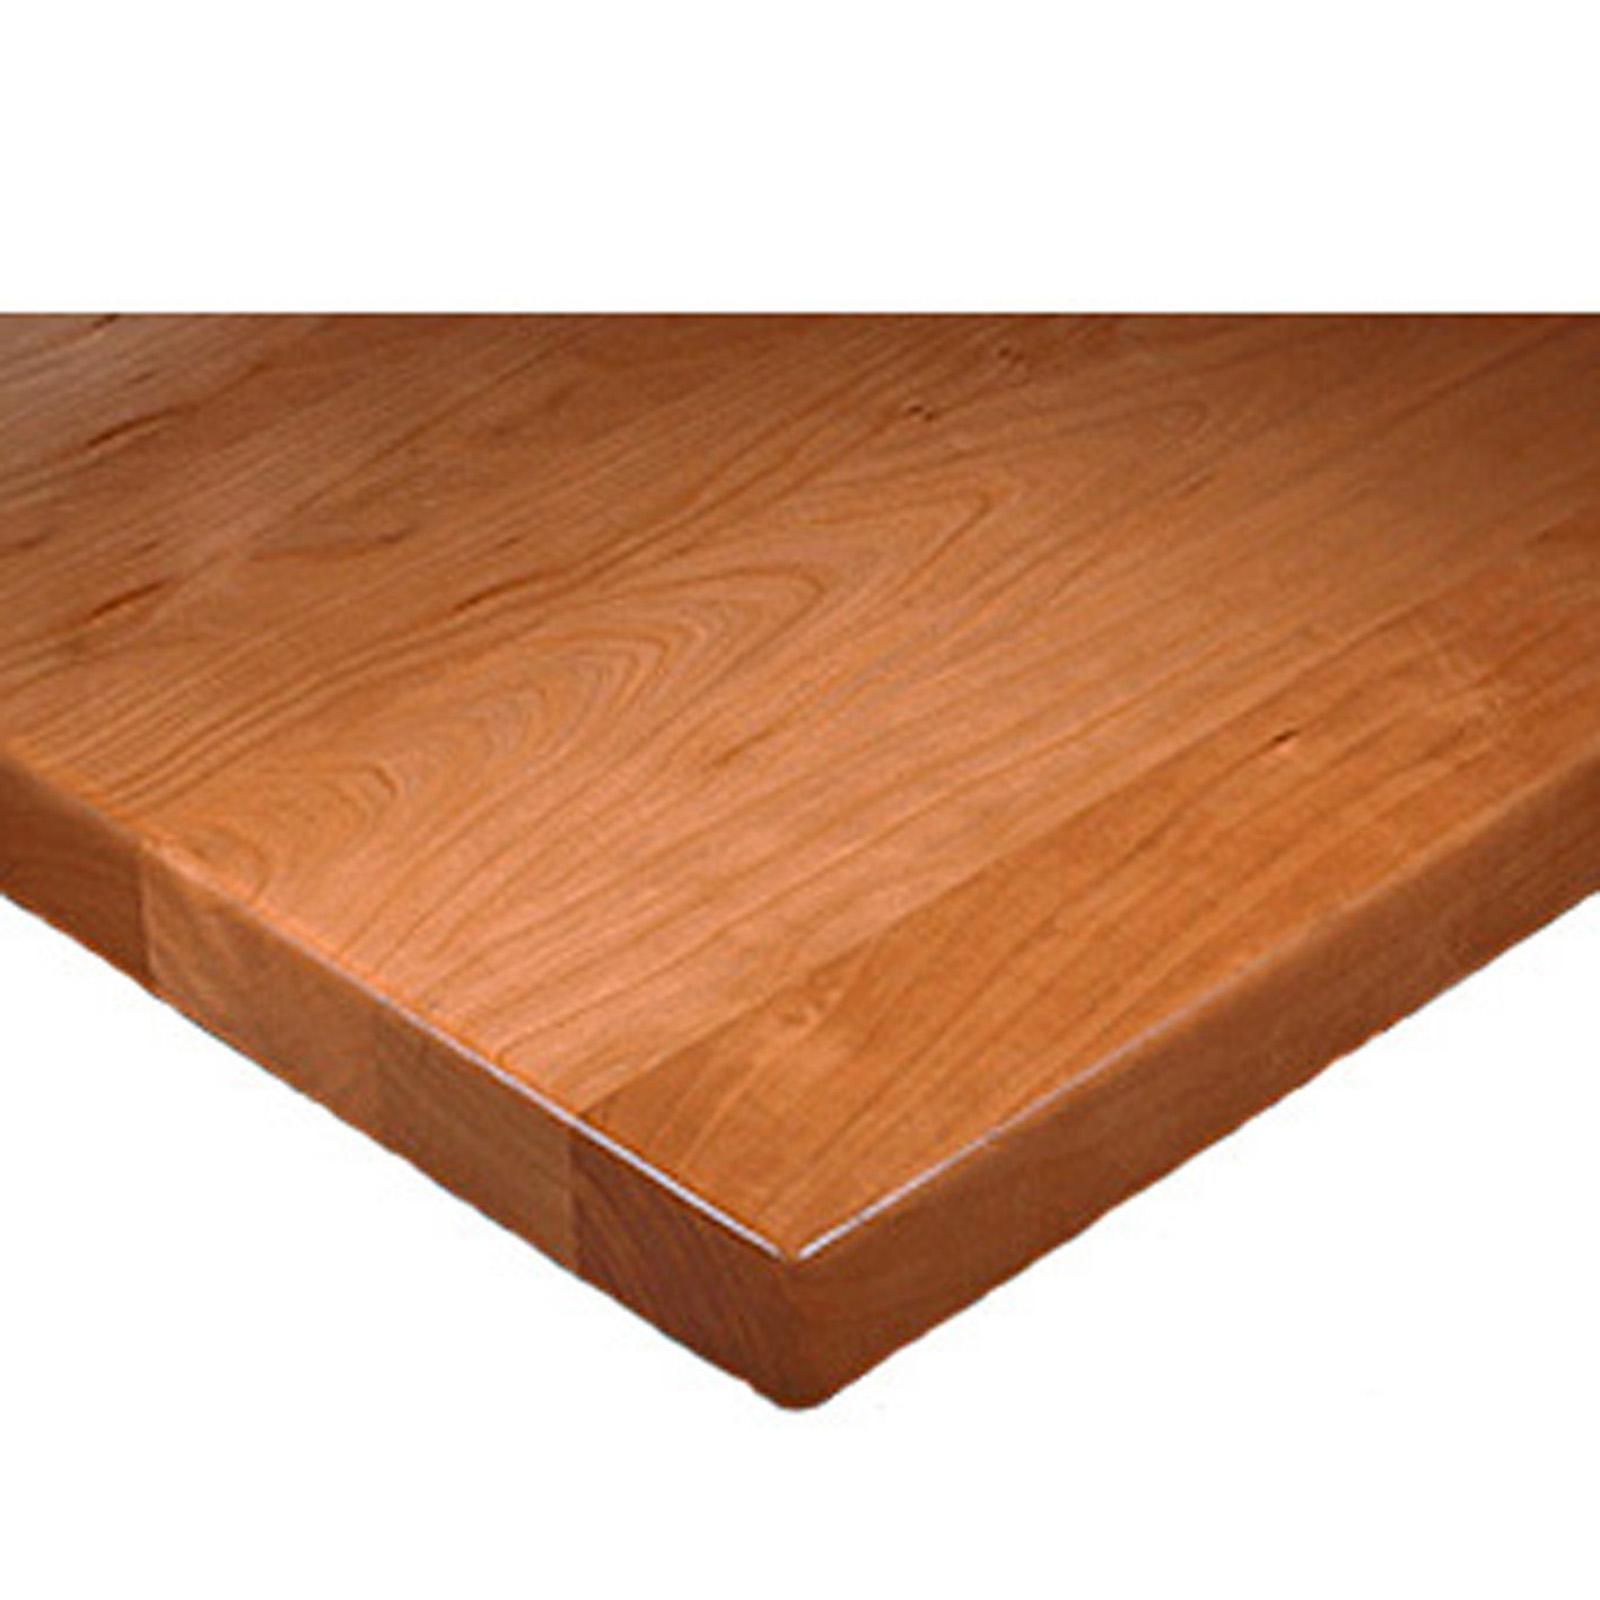 Oak Street PPO48R table top, wood